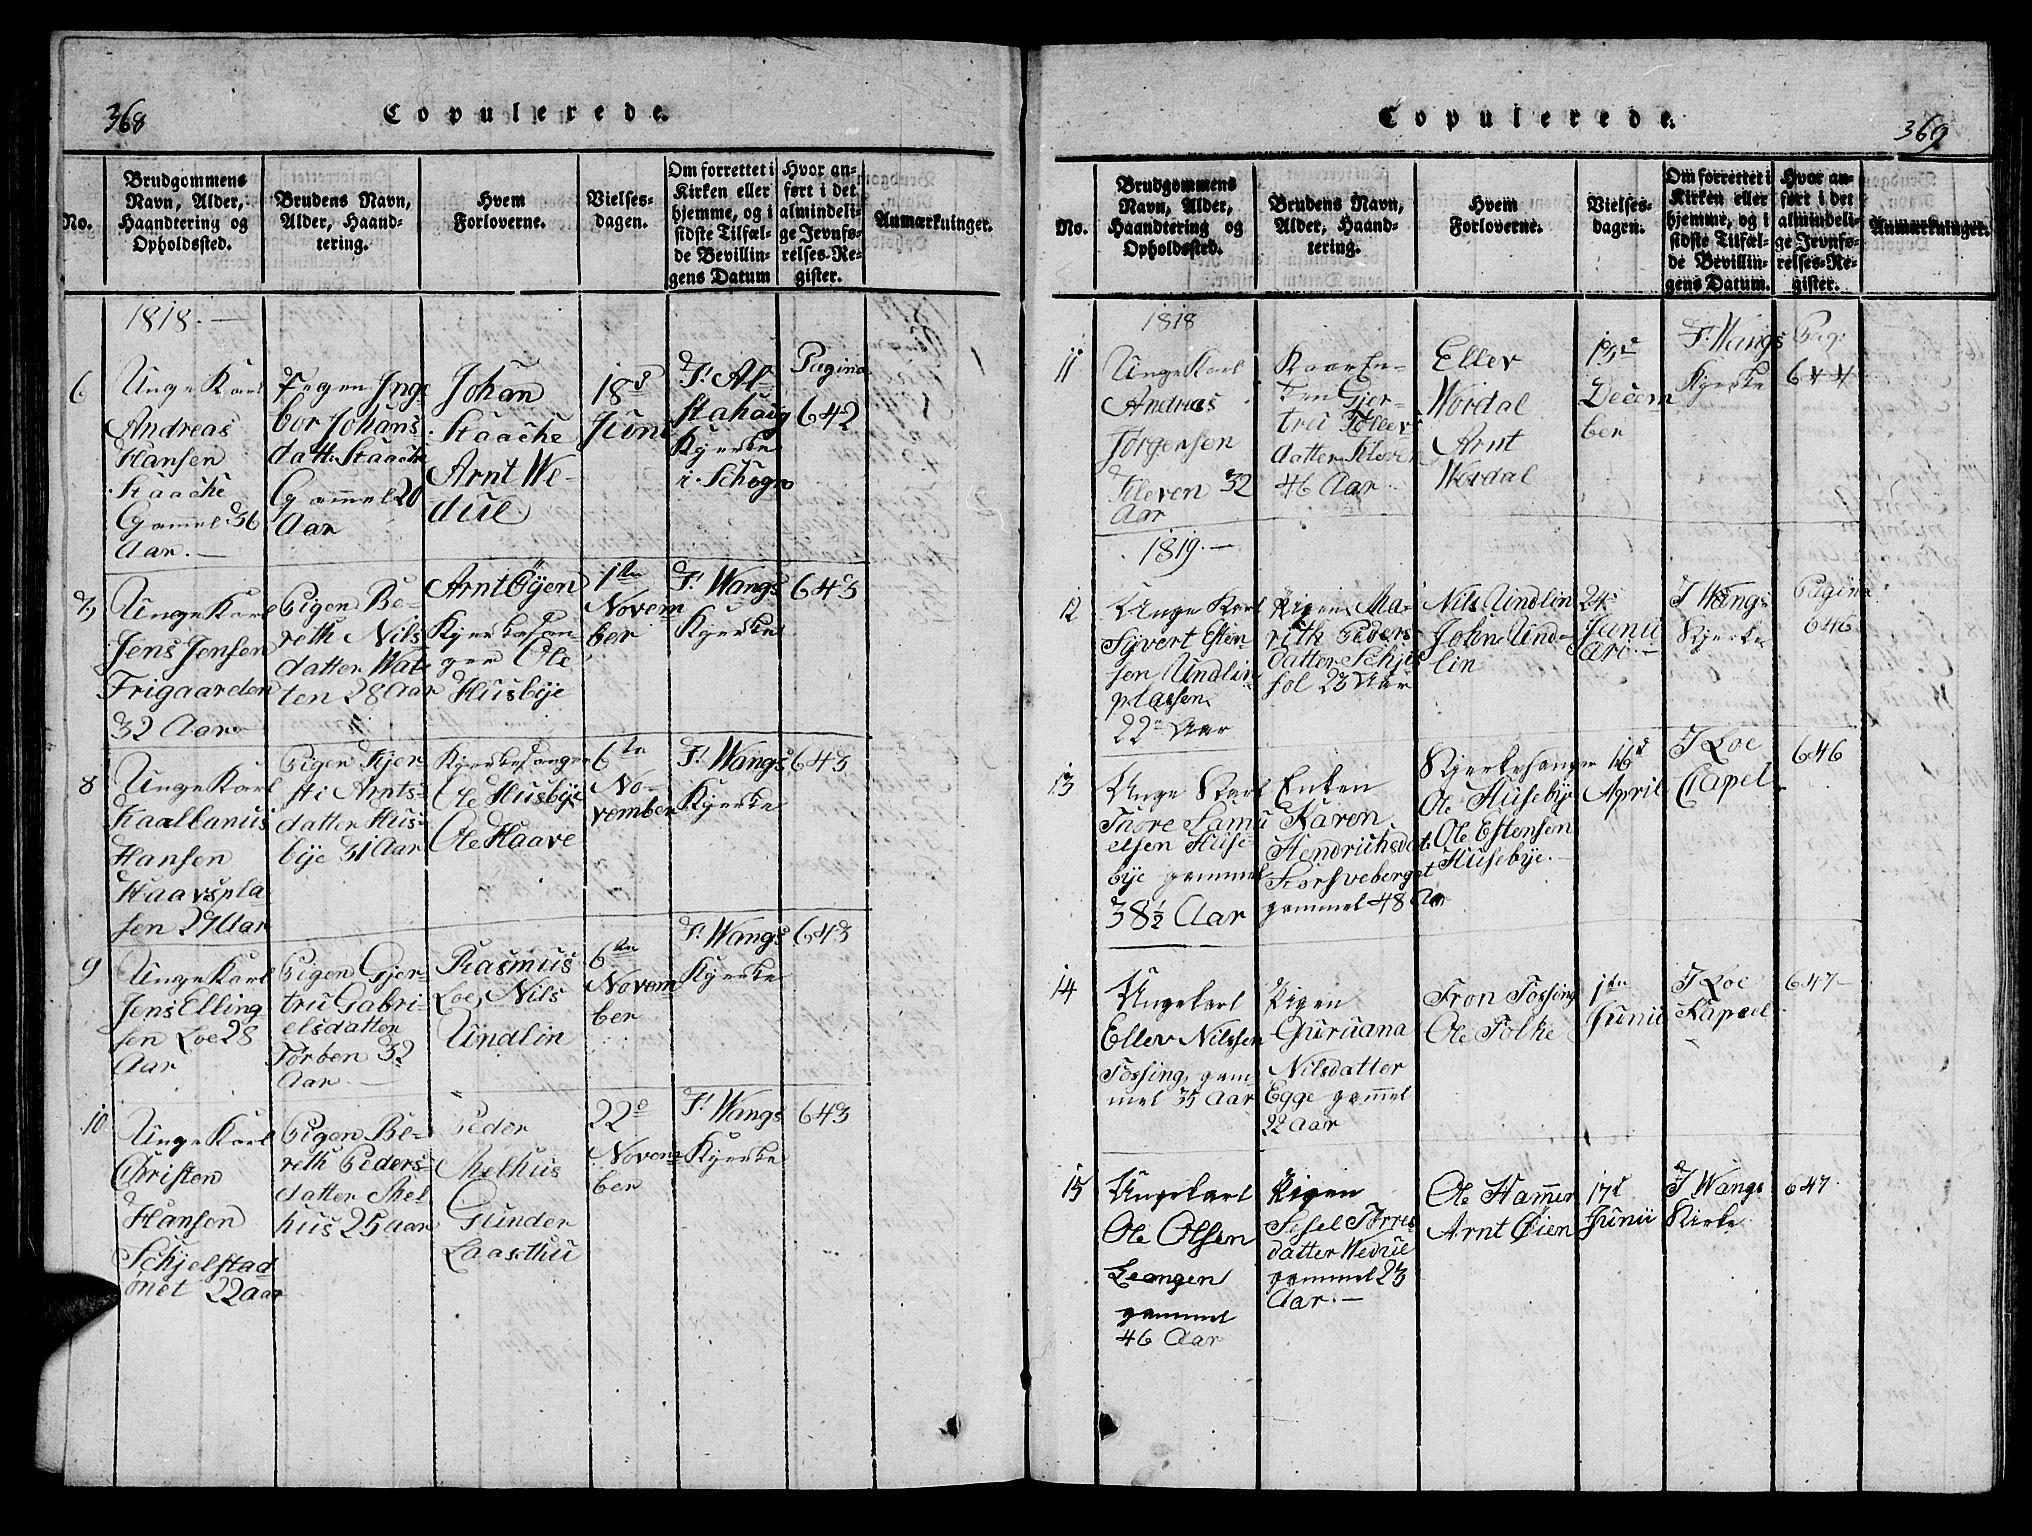 SAT, Ministerialprotokoller, klokkerbøker og fødselsregistre - Nord-Trøndelag, 714/L0132: Klokkerbok nr. 714C01, 1817-1824, s. 368-369